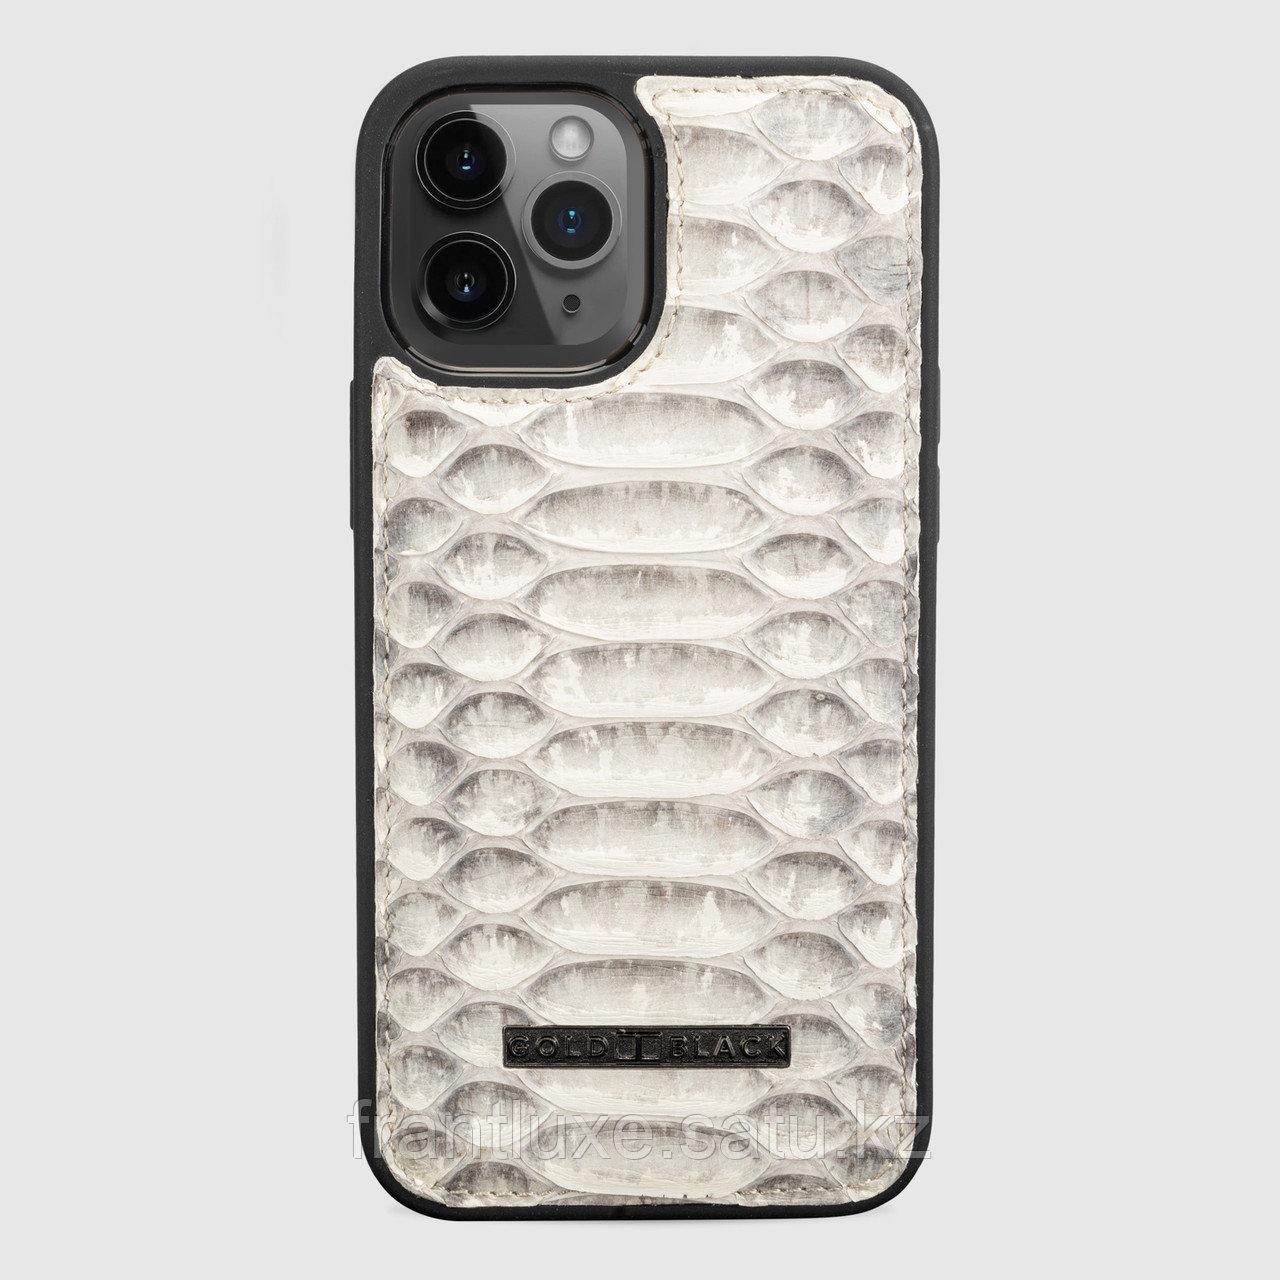 Чехол для телефона iPhone 12 Pro Max питон натуральный - фото 1